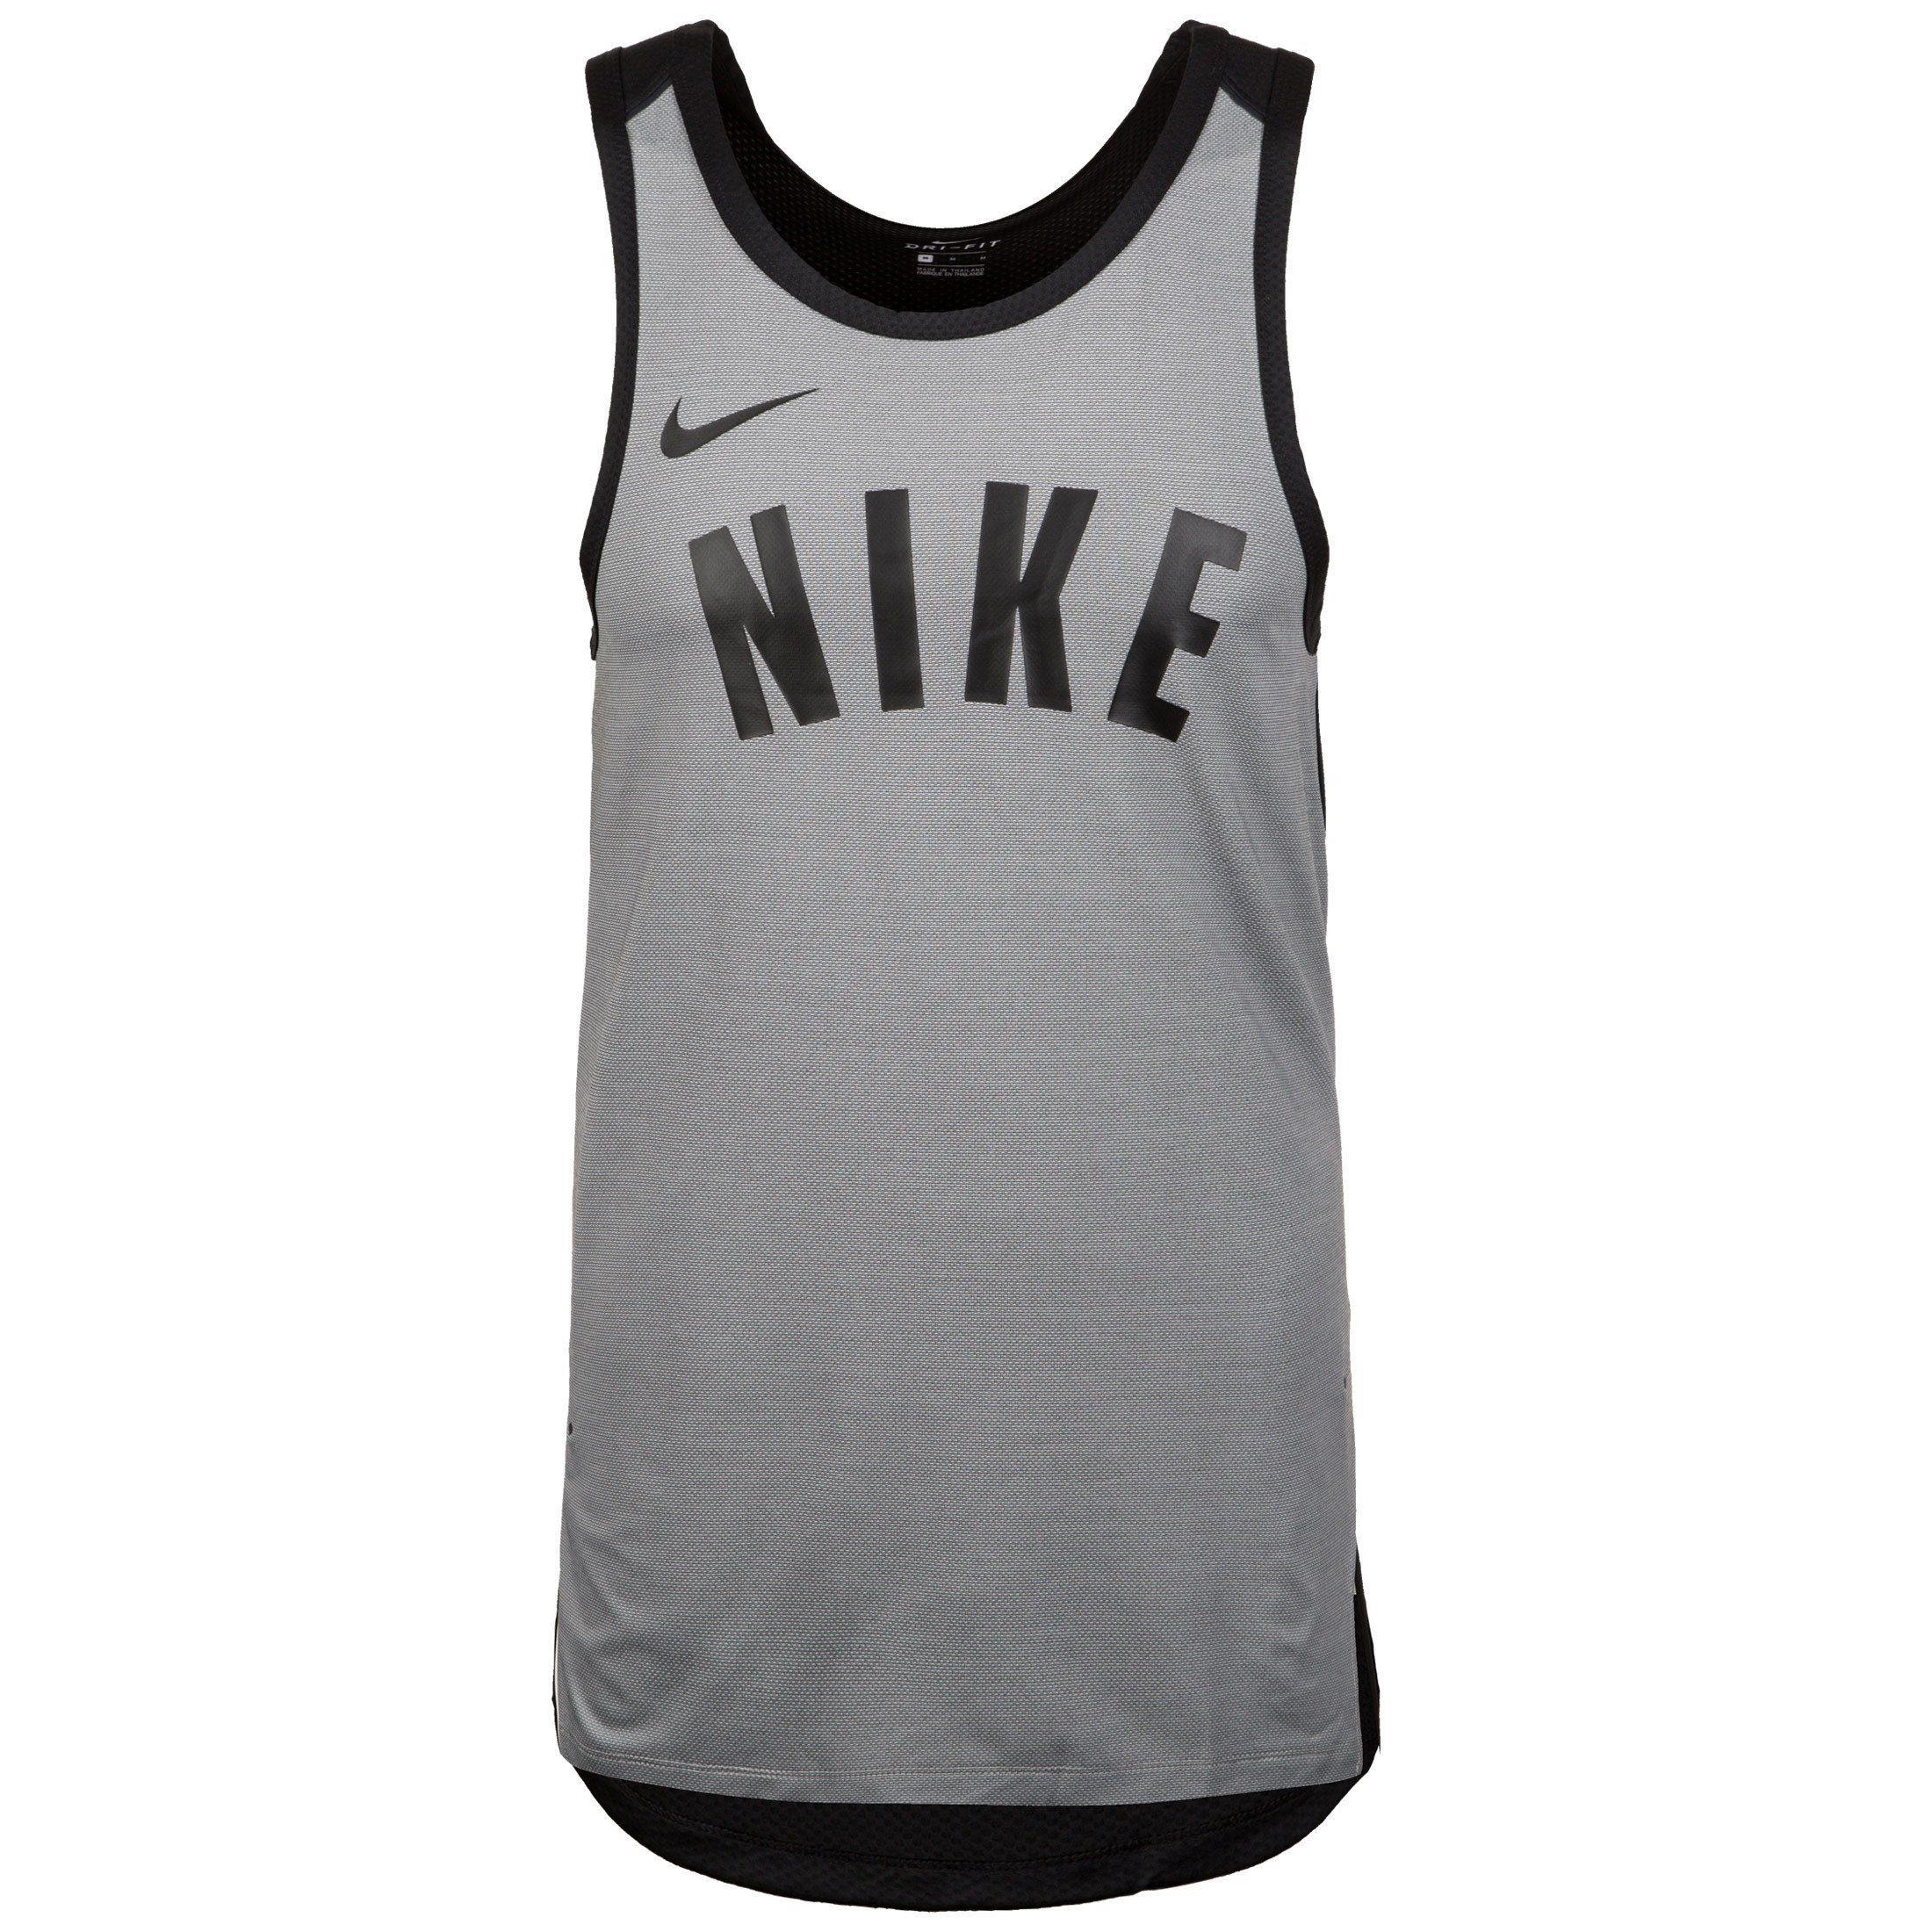 Nike Tennisshirt Dry Hyper Elite | Sportbekleidung > Sportshirts > Tennisshirts | Nike